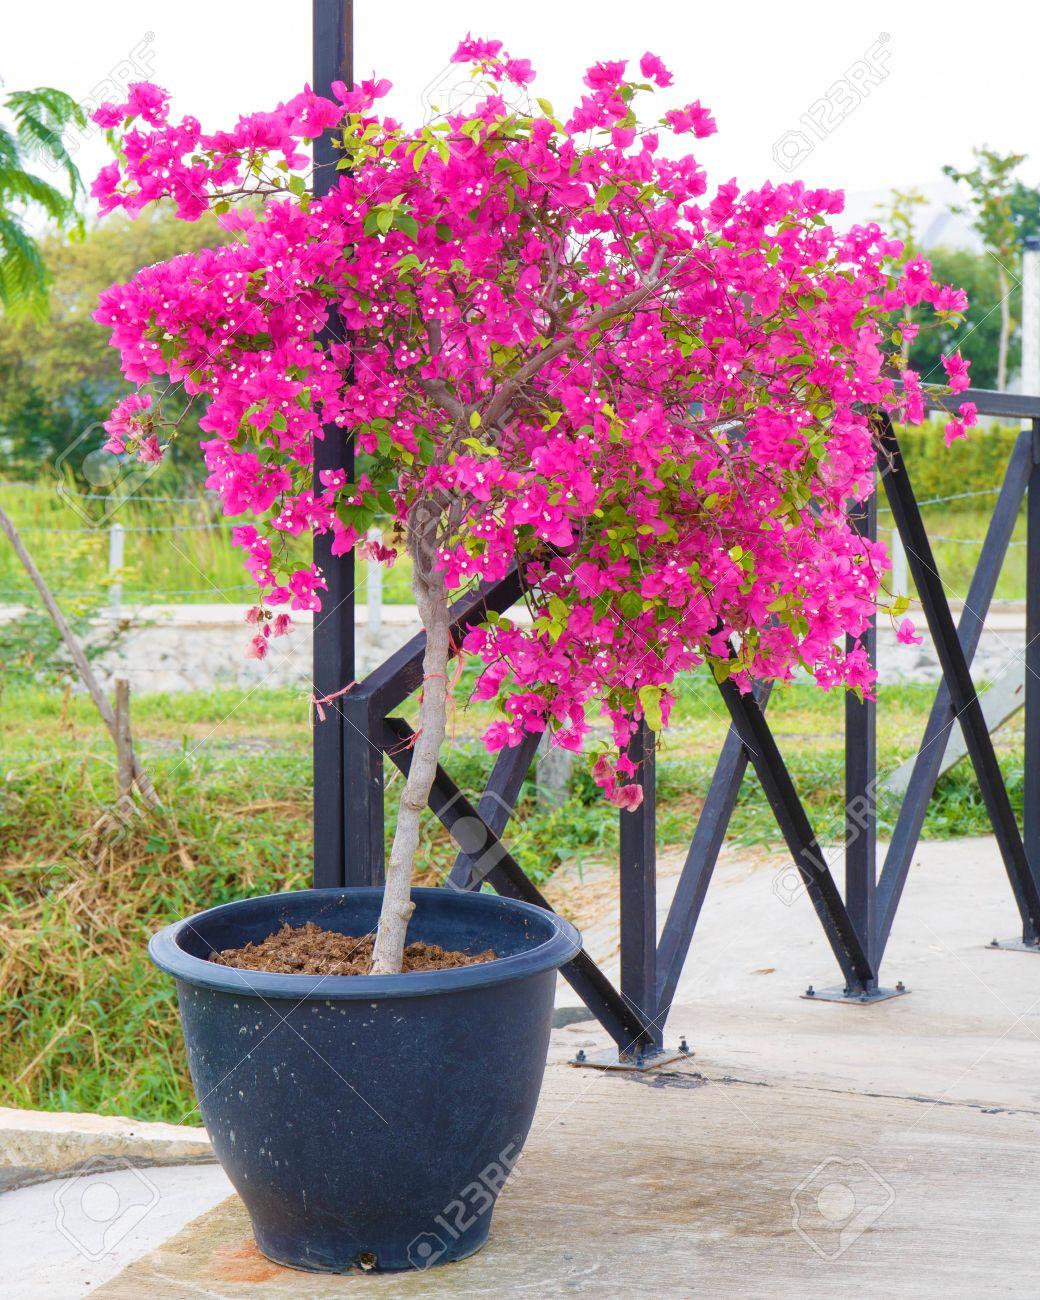 32008963-pink-bougainvillea-flower-in-po